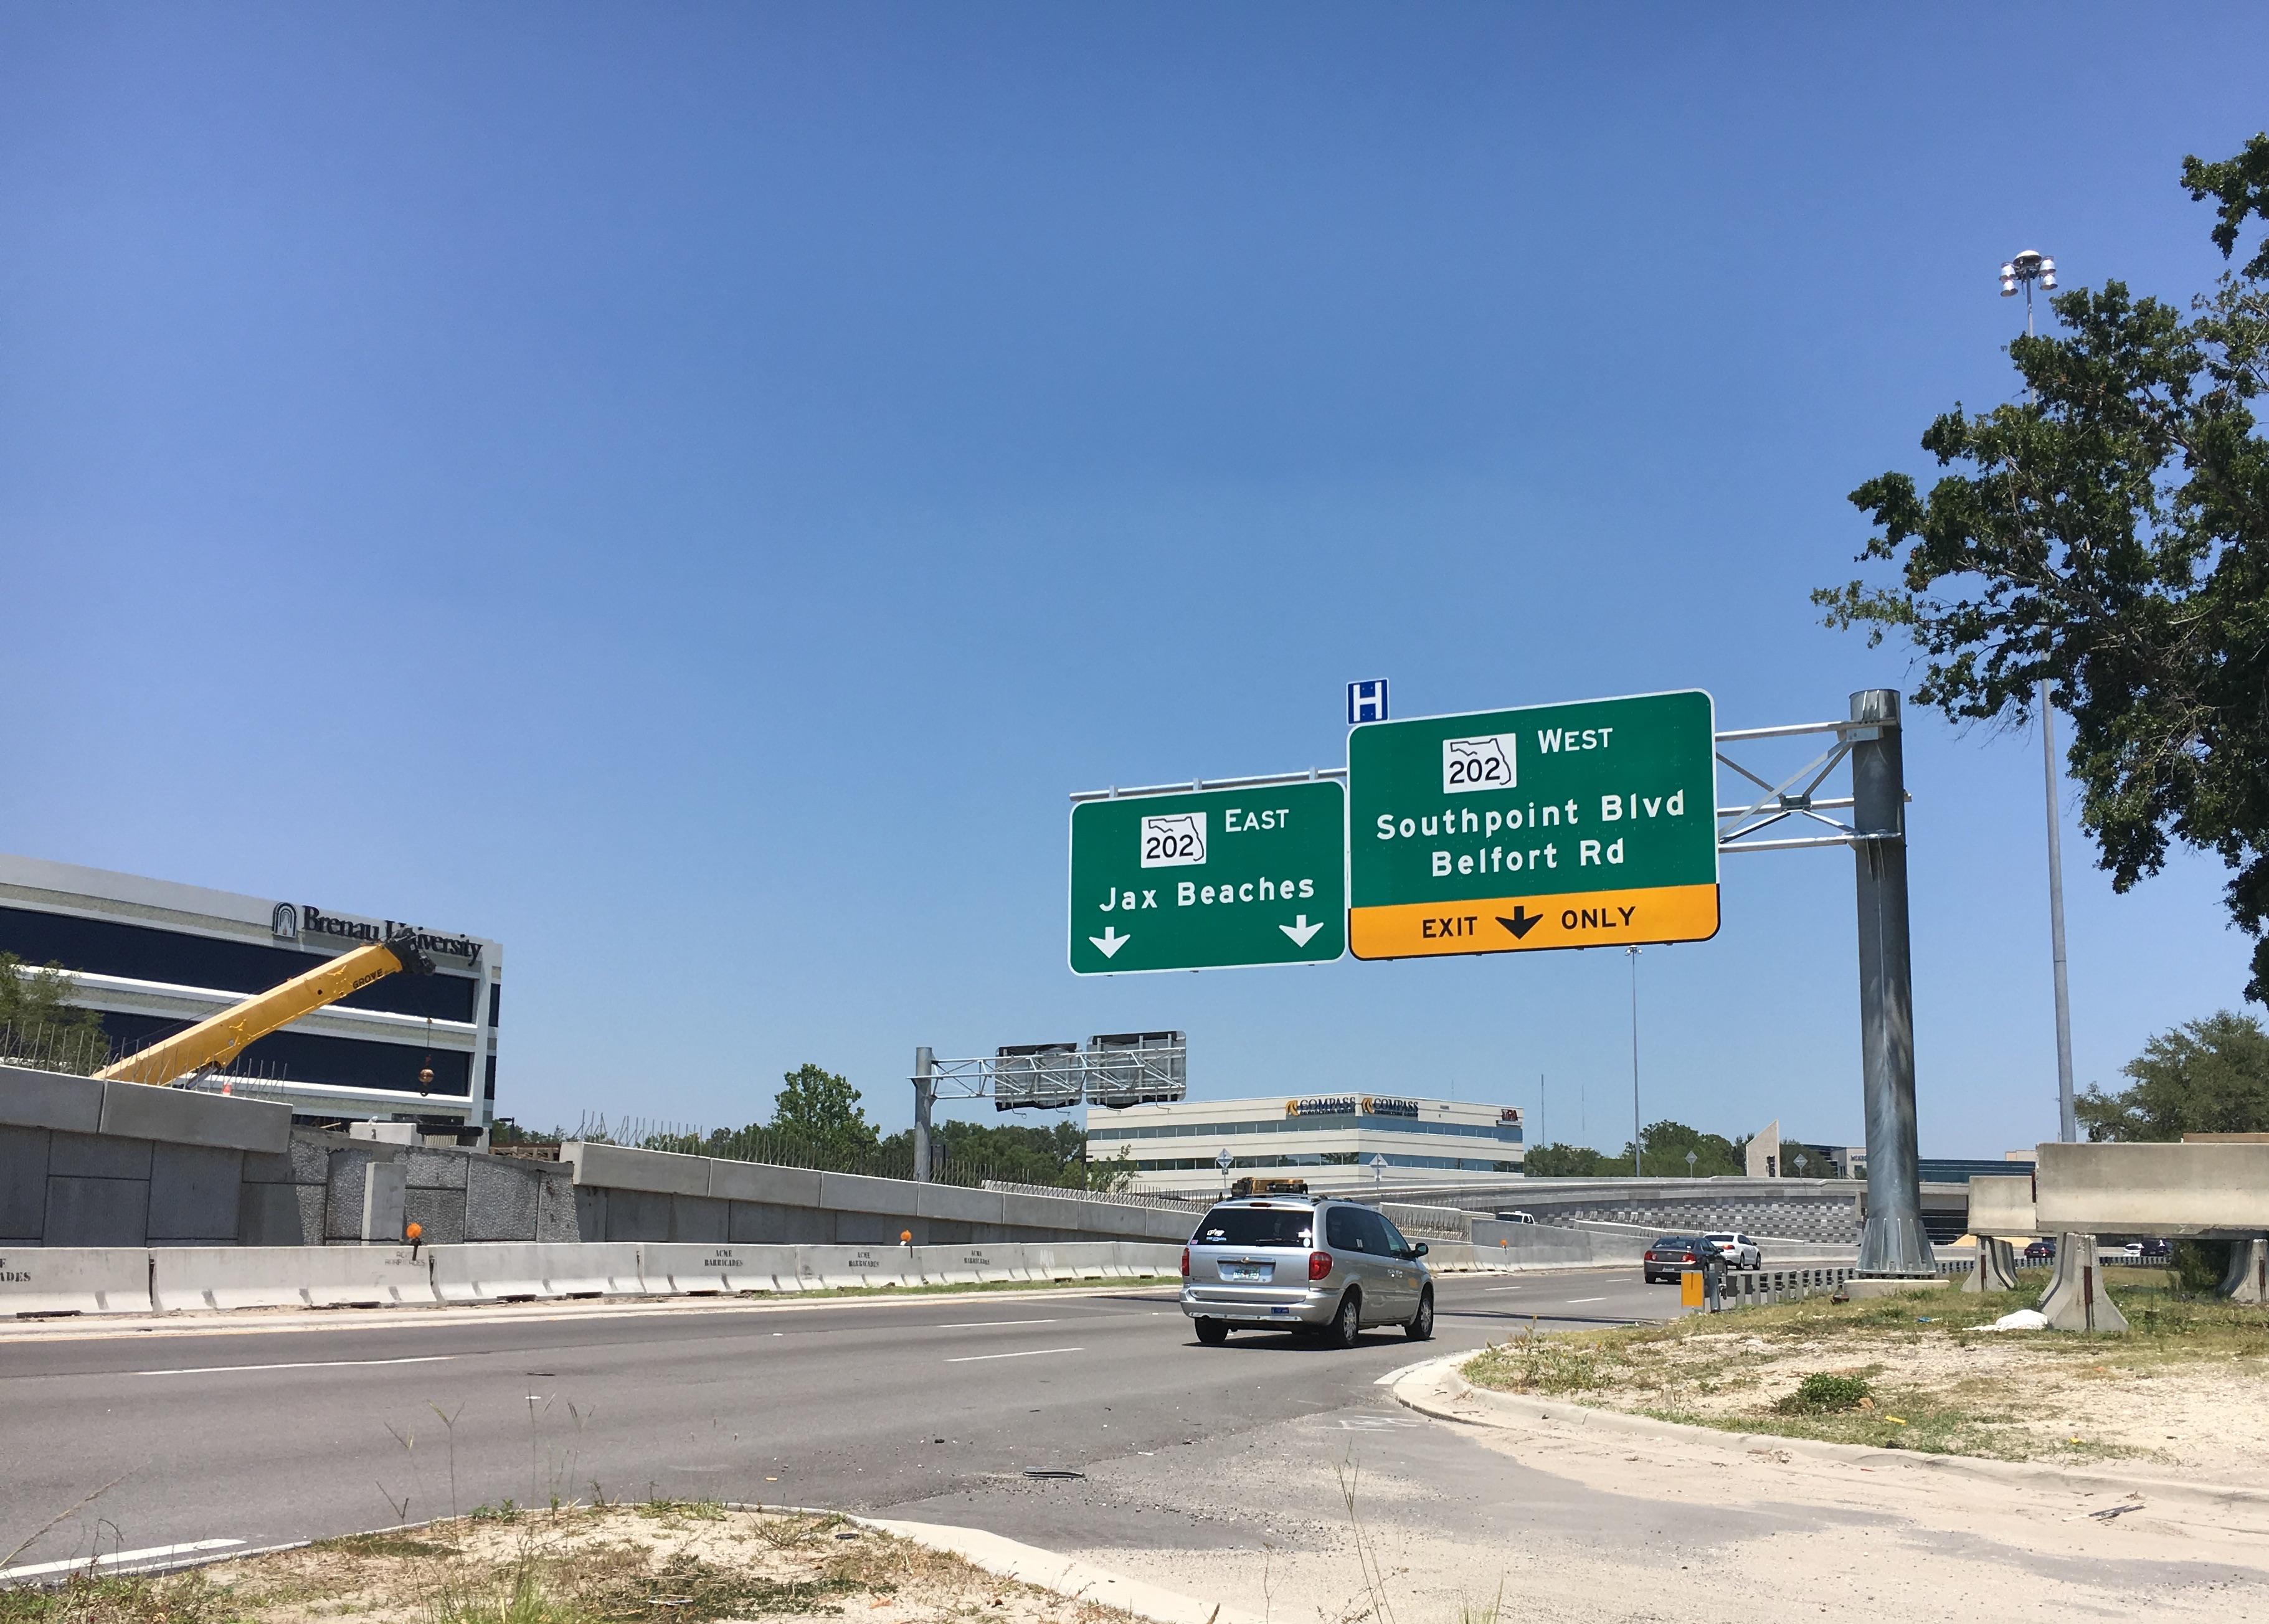 Butler Blvd. signage, Jacksonville, FL